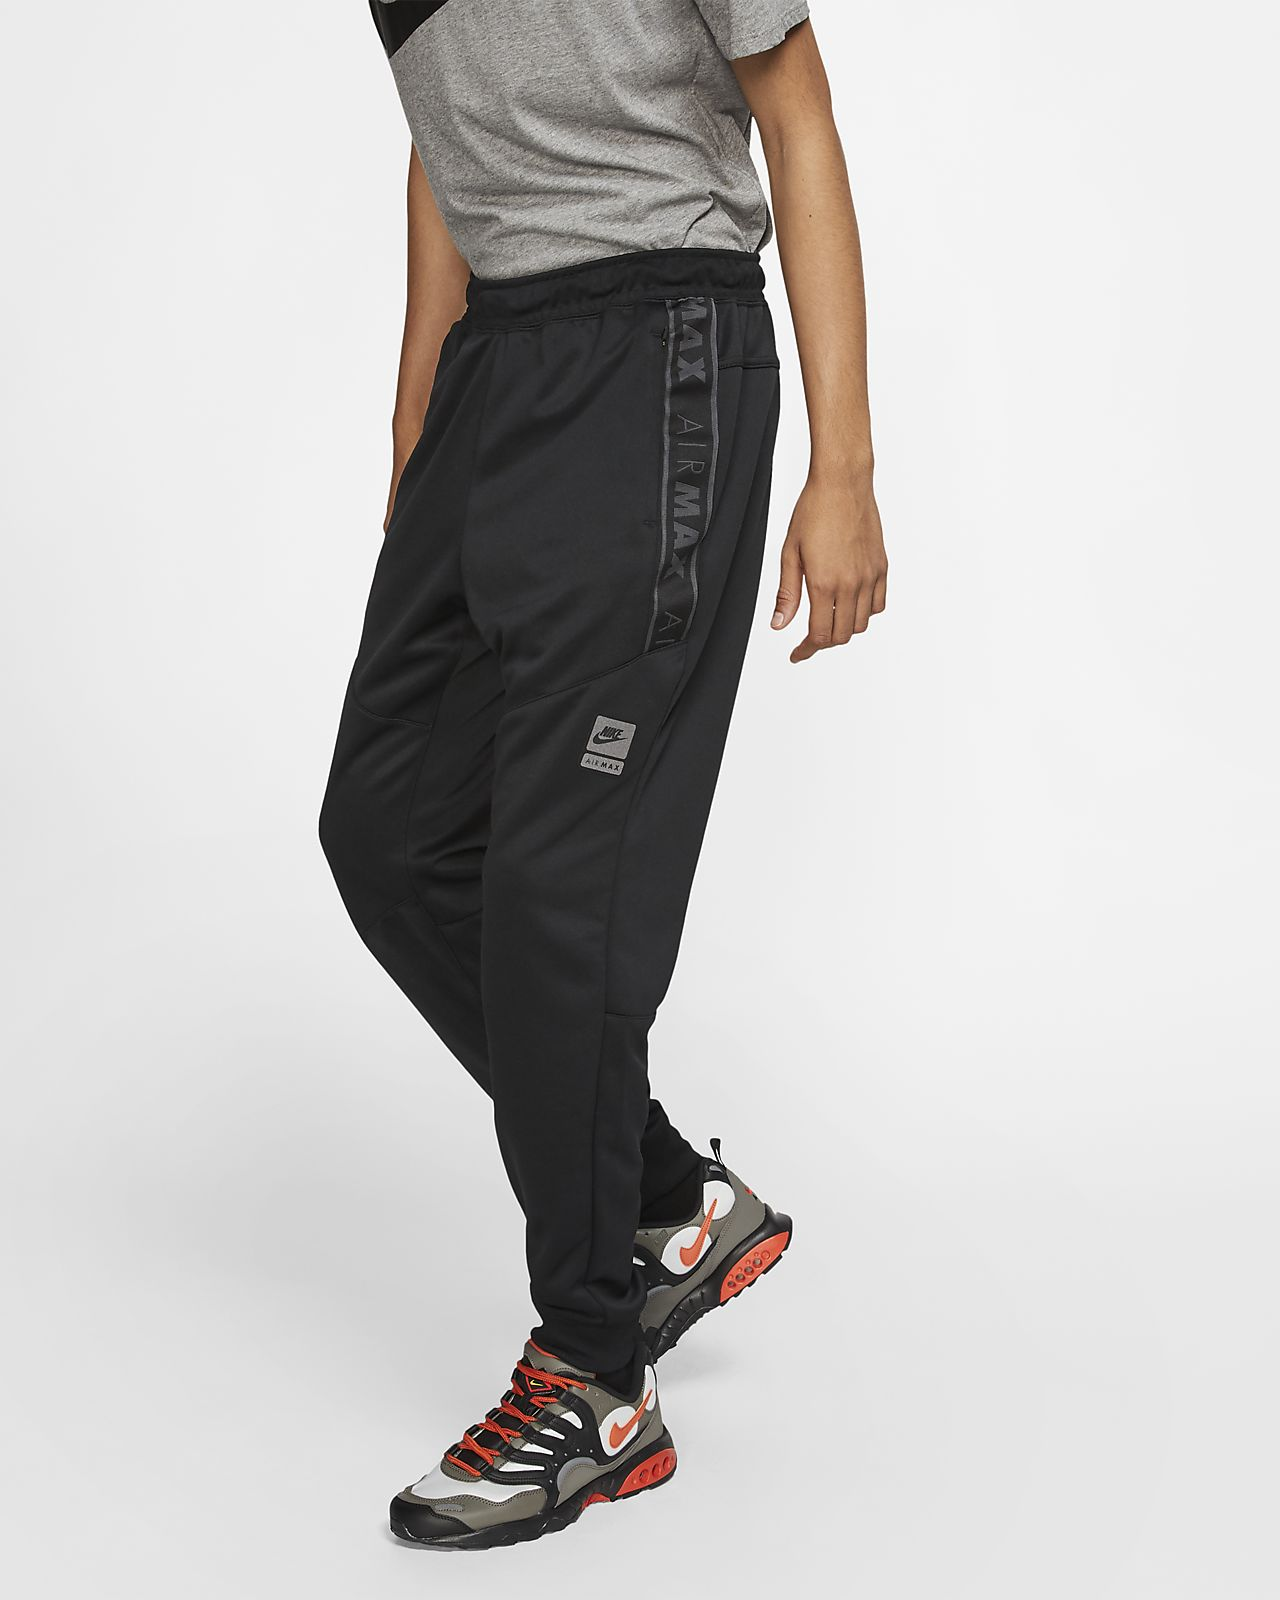 Joggingbyxor Nike Sportswear Air Max för män